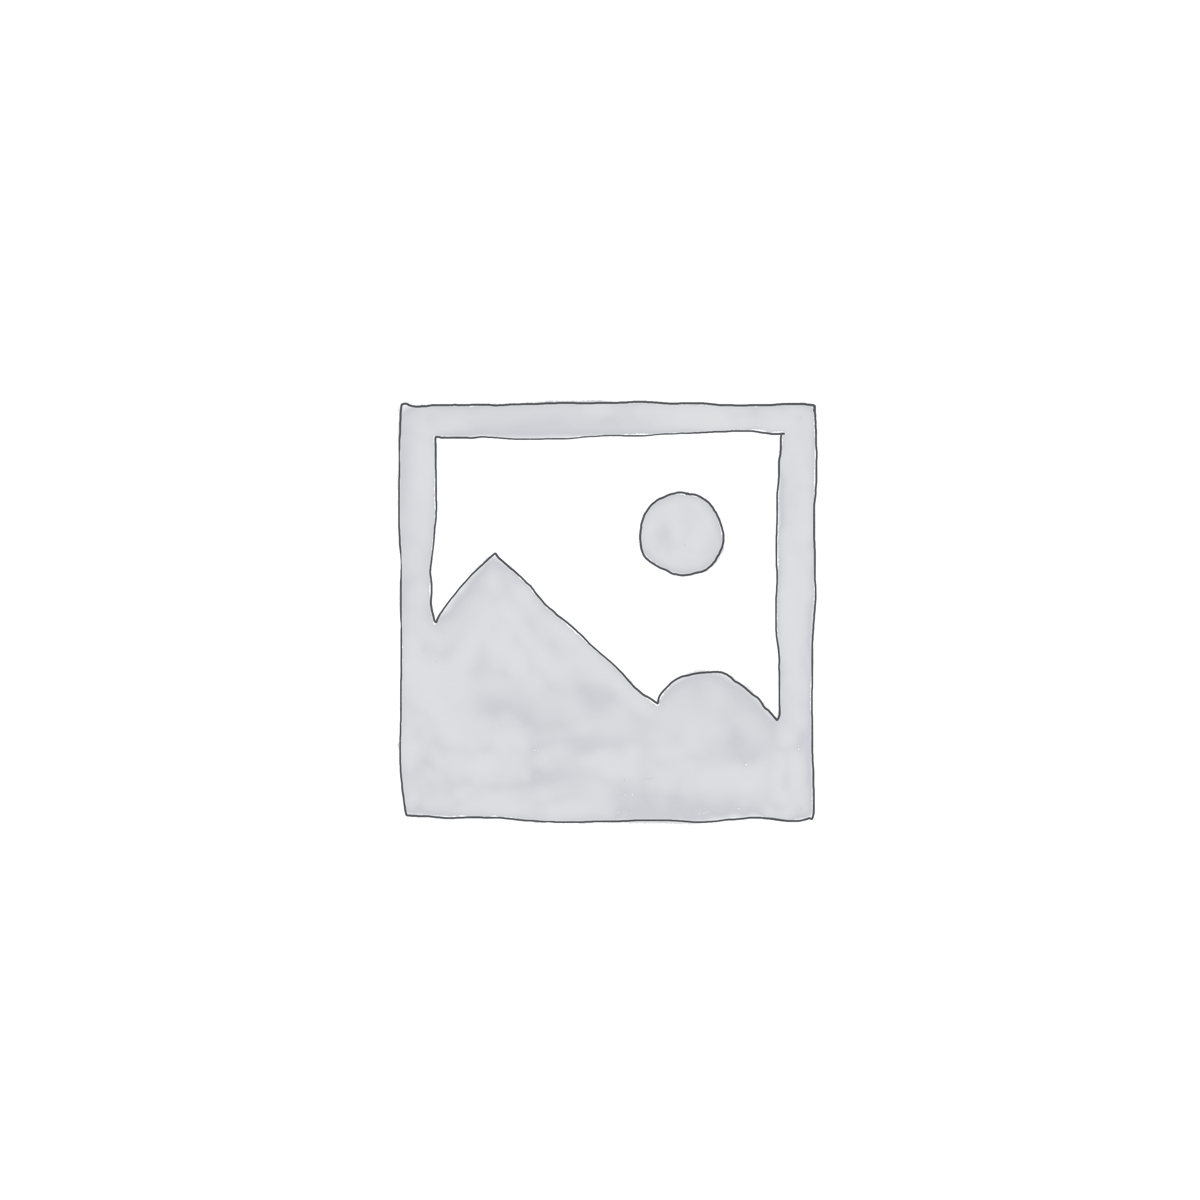 Wwoocommerce placeholder